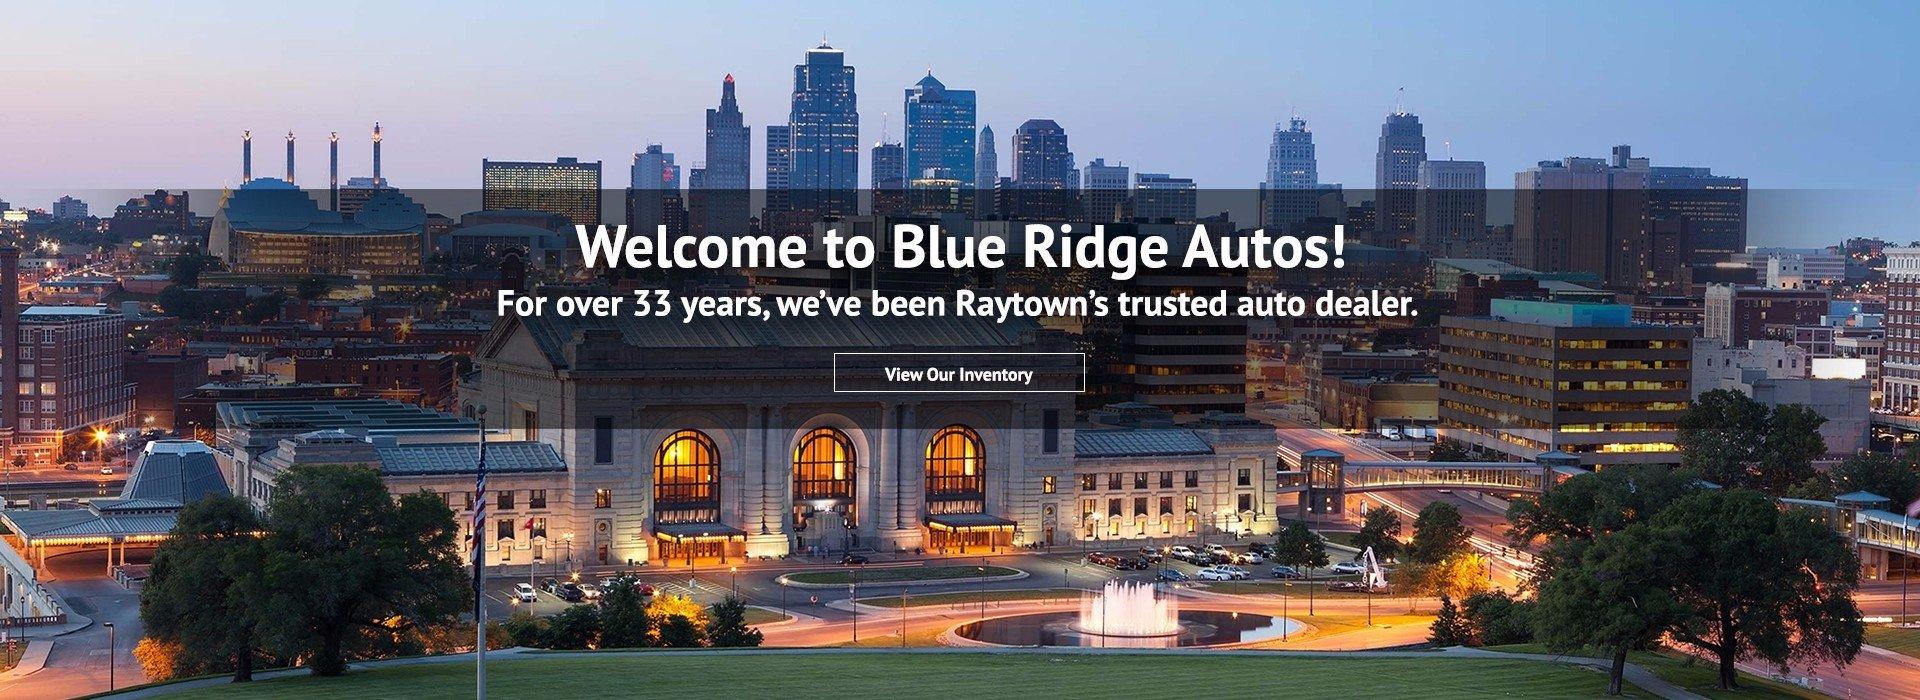 Kansas City - Welcome to Blue Ridge Autos